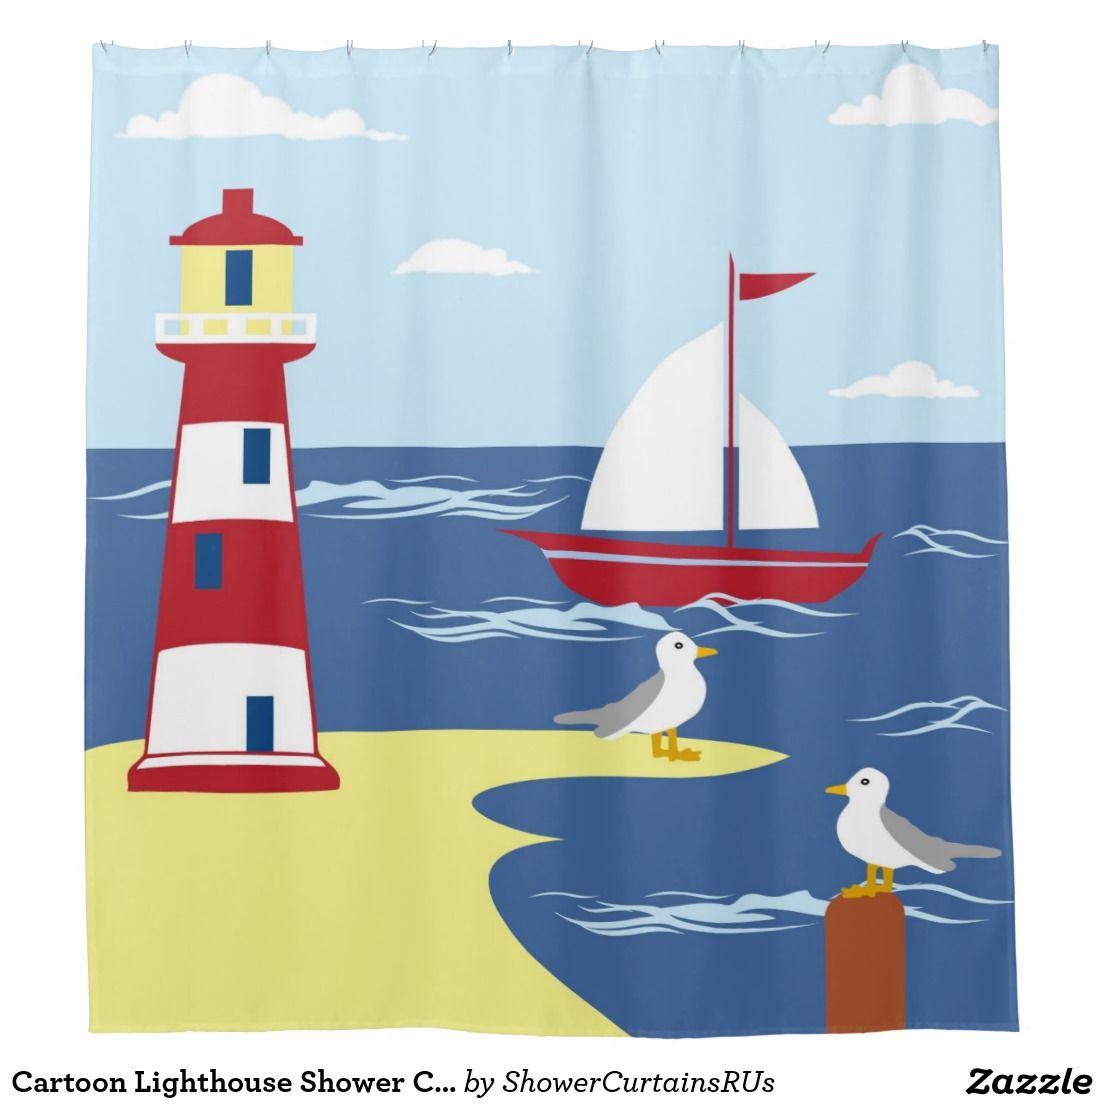 Cartoon Lighthouse Shower Curtain Such Perfect Bathroom Decor